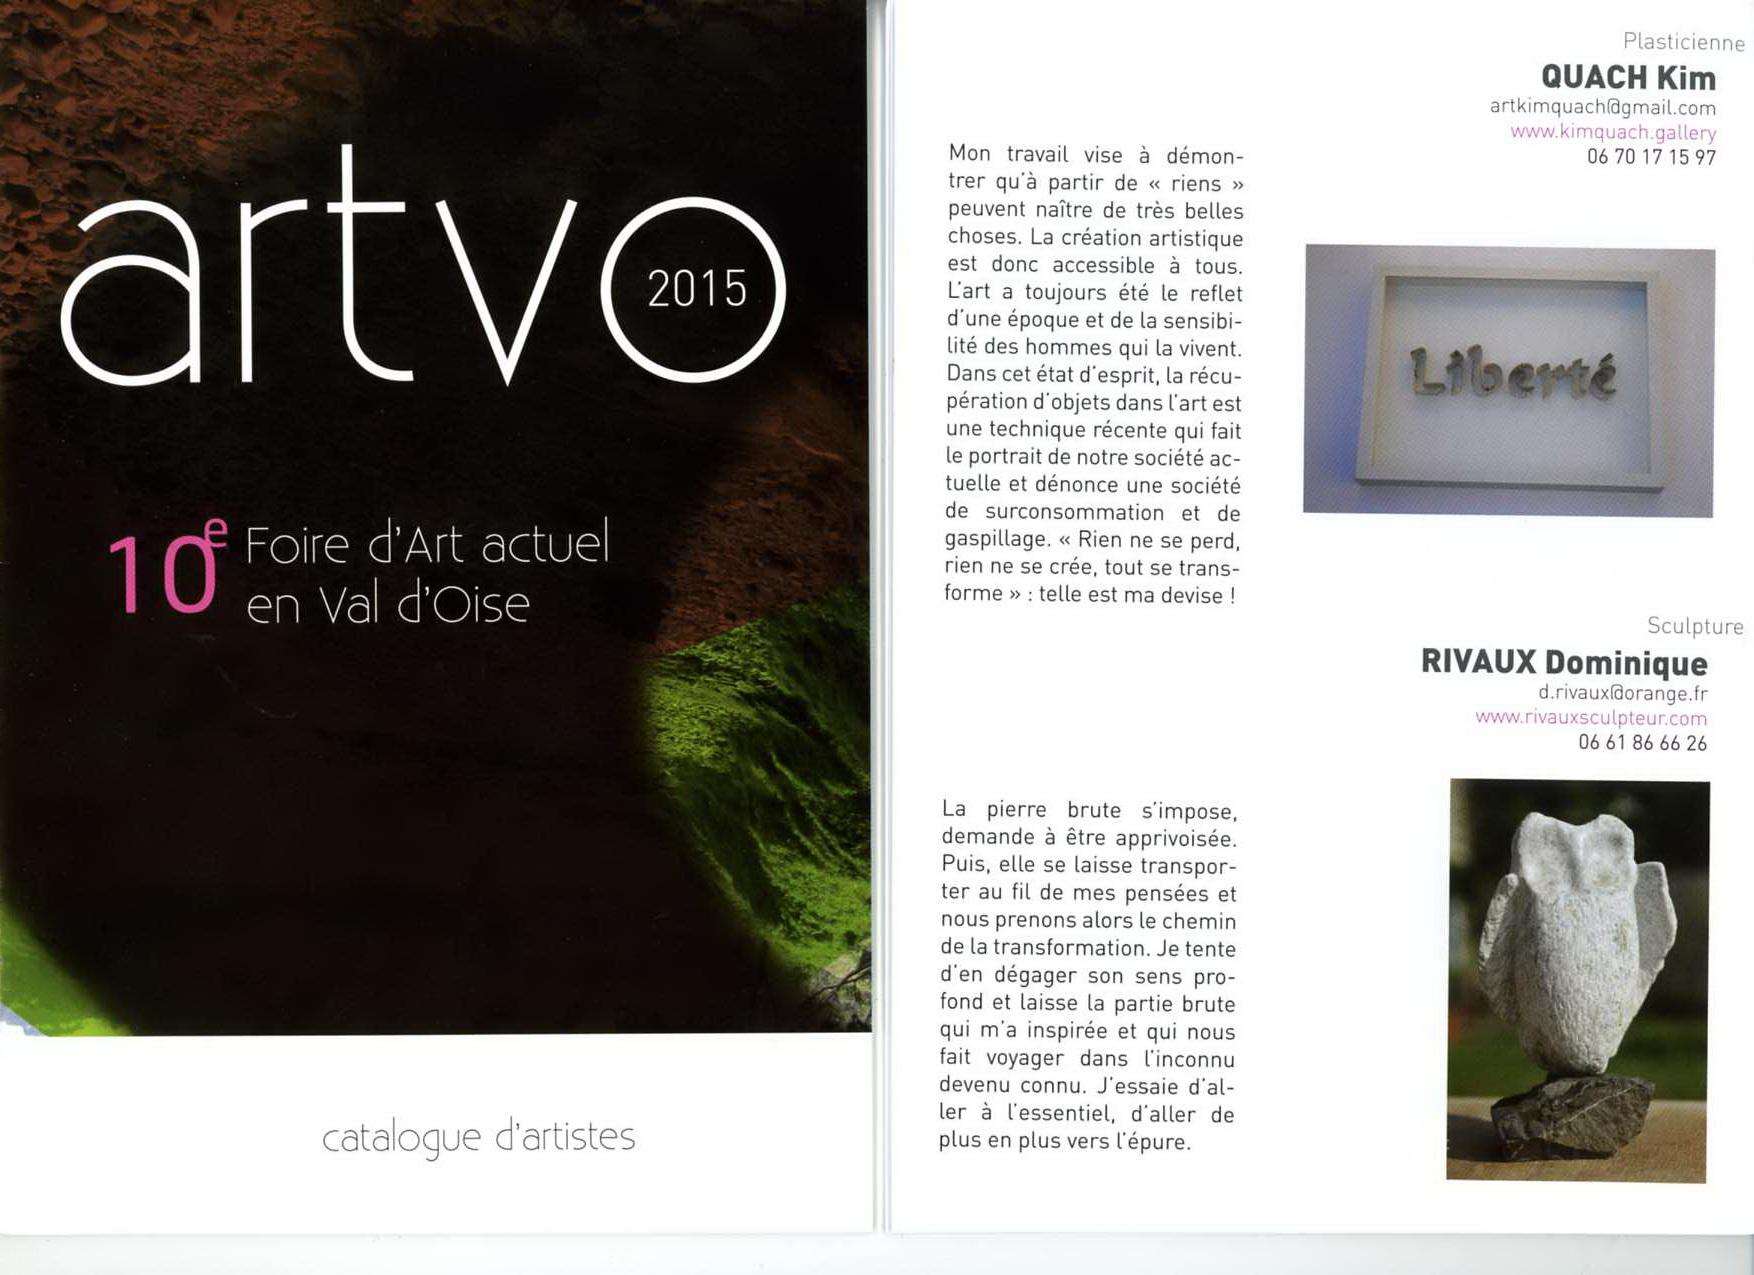 Artvo - 10e Foire d'Art actuel en Val d'Oise - 2015